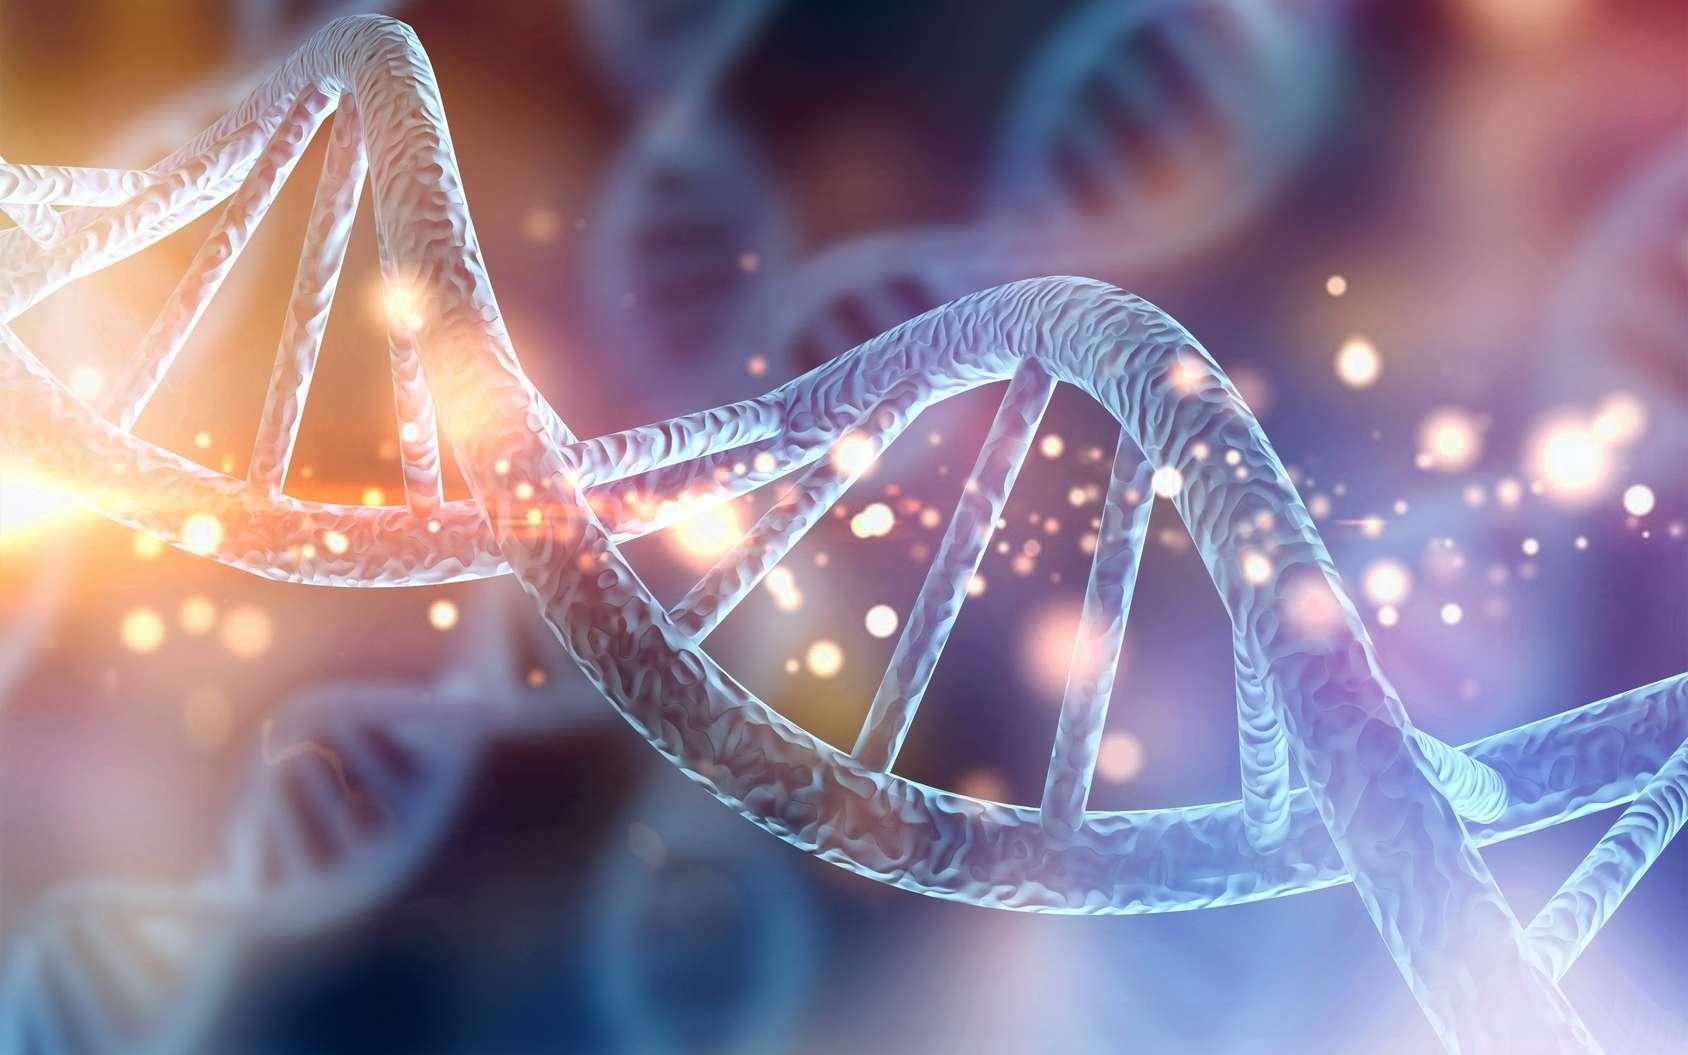 Expert de l'ADN, le généticien étudie le génome des êtres vivants, c'est-à-dire l'ensemble de l' information génétique contenue dans chacune des cellules sous la forme de chromosomes © MG, Fotolia.